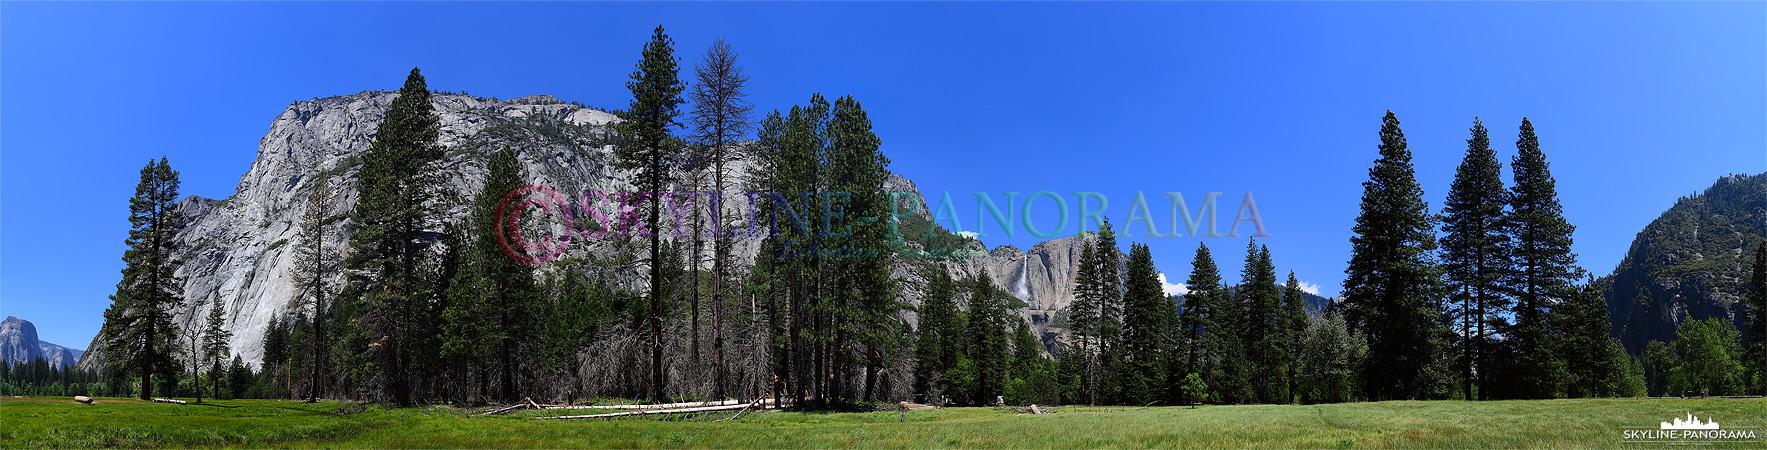 Bilder aus dem Yosemite Nationalpark - Panorama von der großen Grasfläche, im Tal des Yosemite Valley, auf den Upper Yosemite Fall, es ist am Tag entstanden.